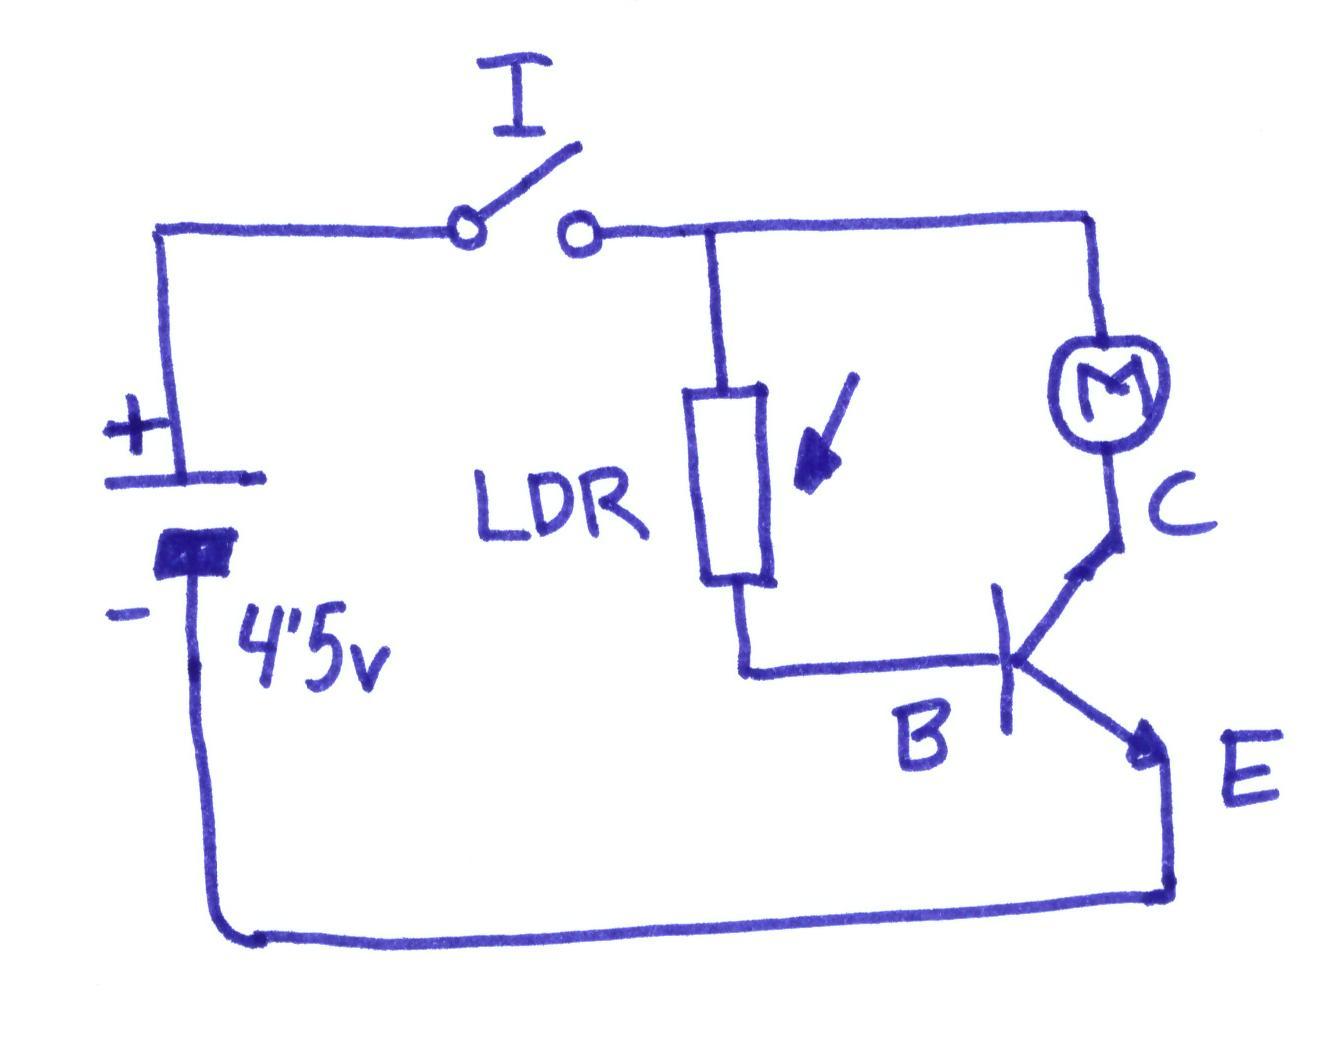 Circuito Transistor : Proyectos de tecnologÍa: cochecillo con célula fotoeléctrica y